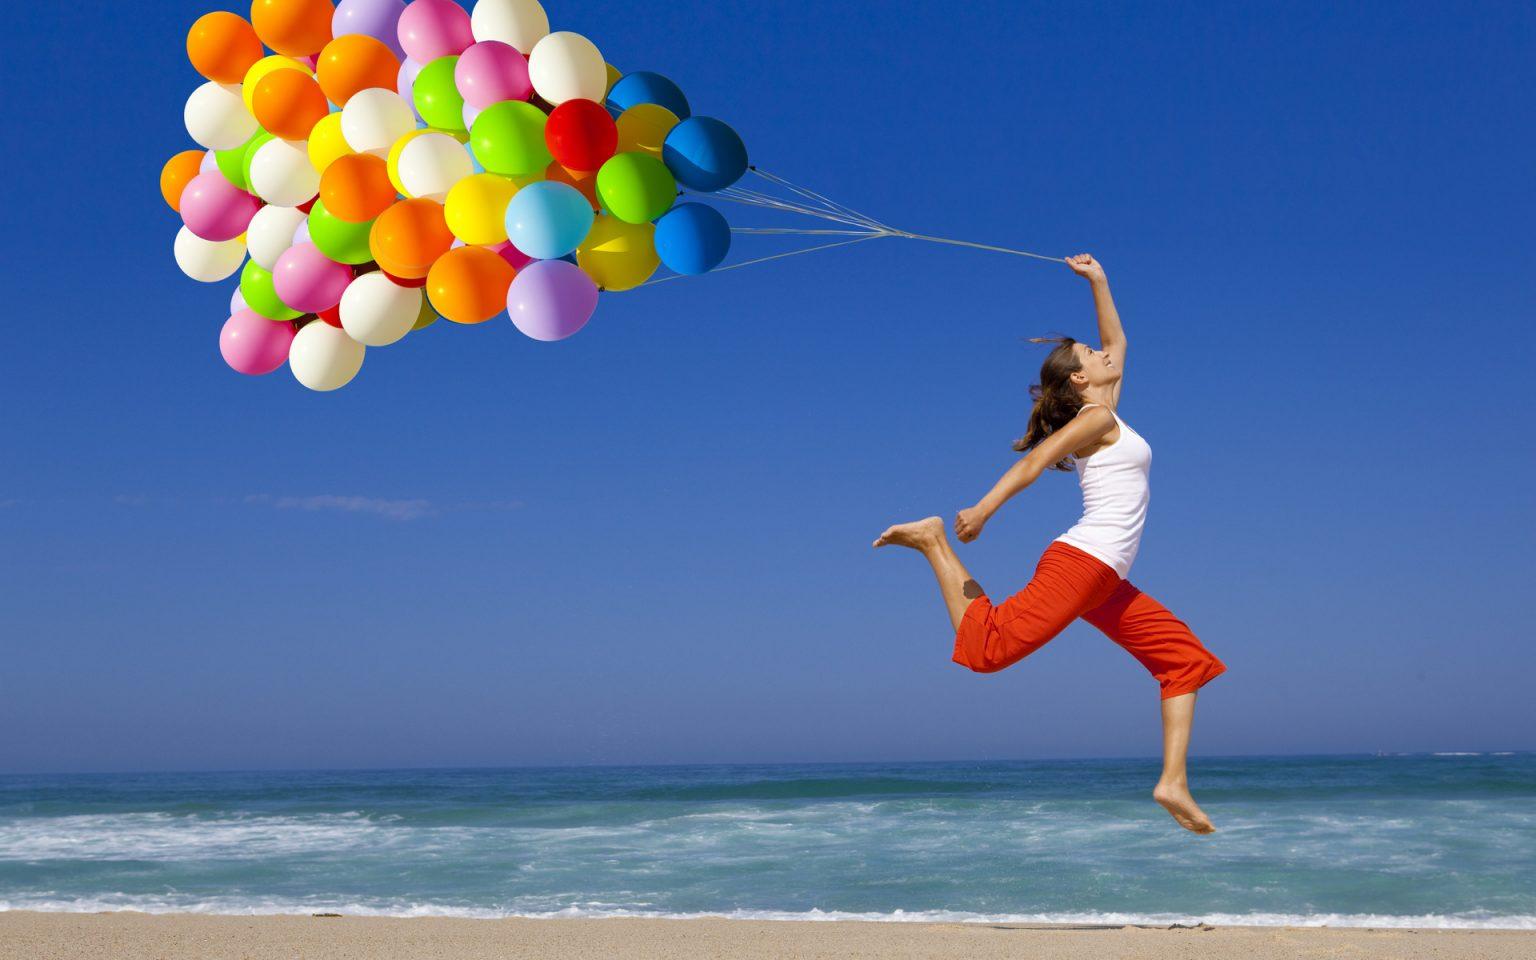 Tổng hợp những hình ảnh khinh khí cầu đẹp nhất